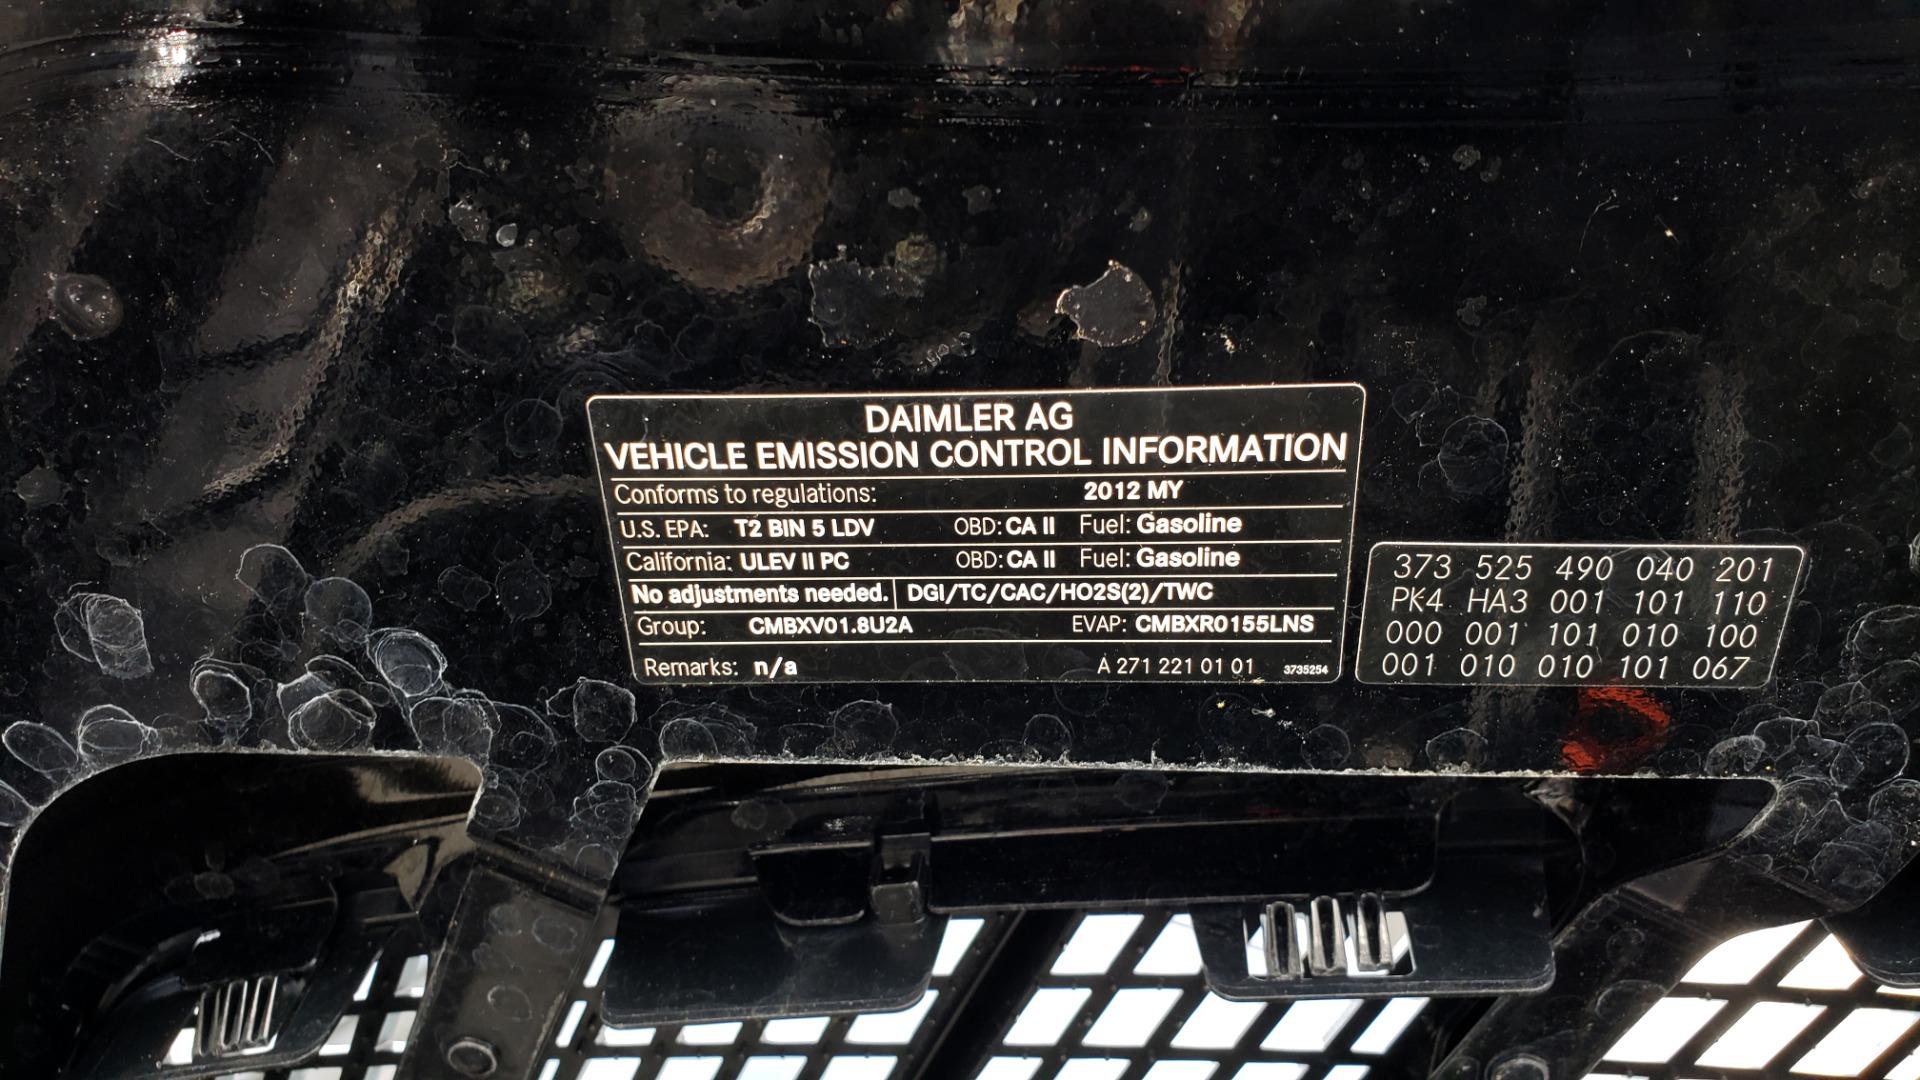 Used 2012 Mercedes-Benz SLK-CLASS SLK 250 ROADSTER / PREM 1 PKG / COMAND LAUNCH PKG / 7-SPD AUTO for sale $24,995 at Formula Imports in Charlotte NC 28227 35